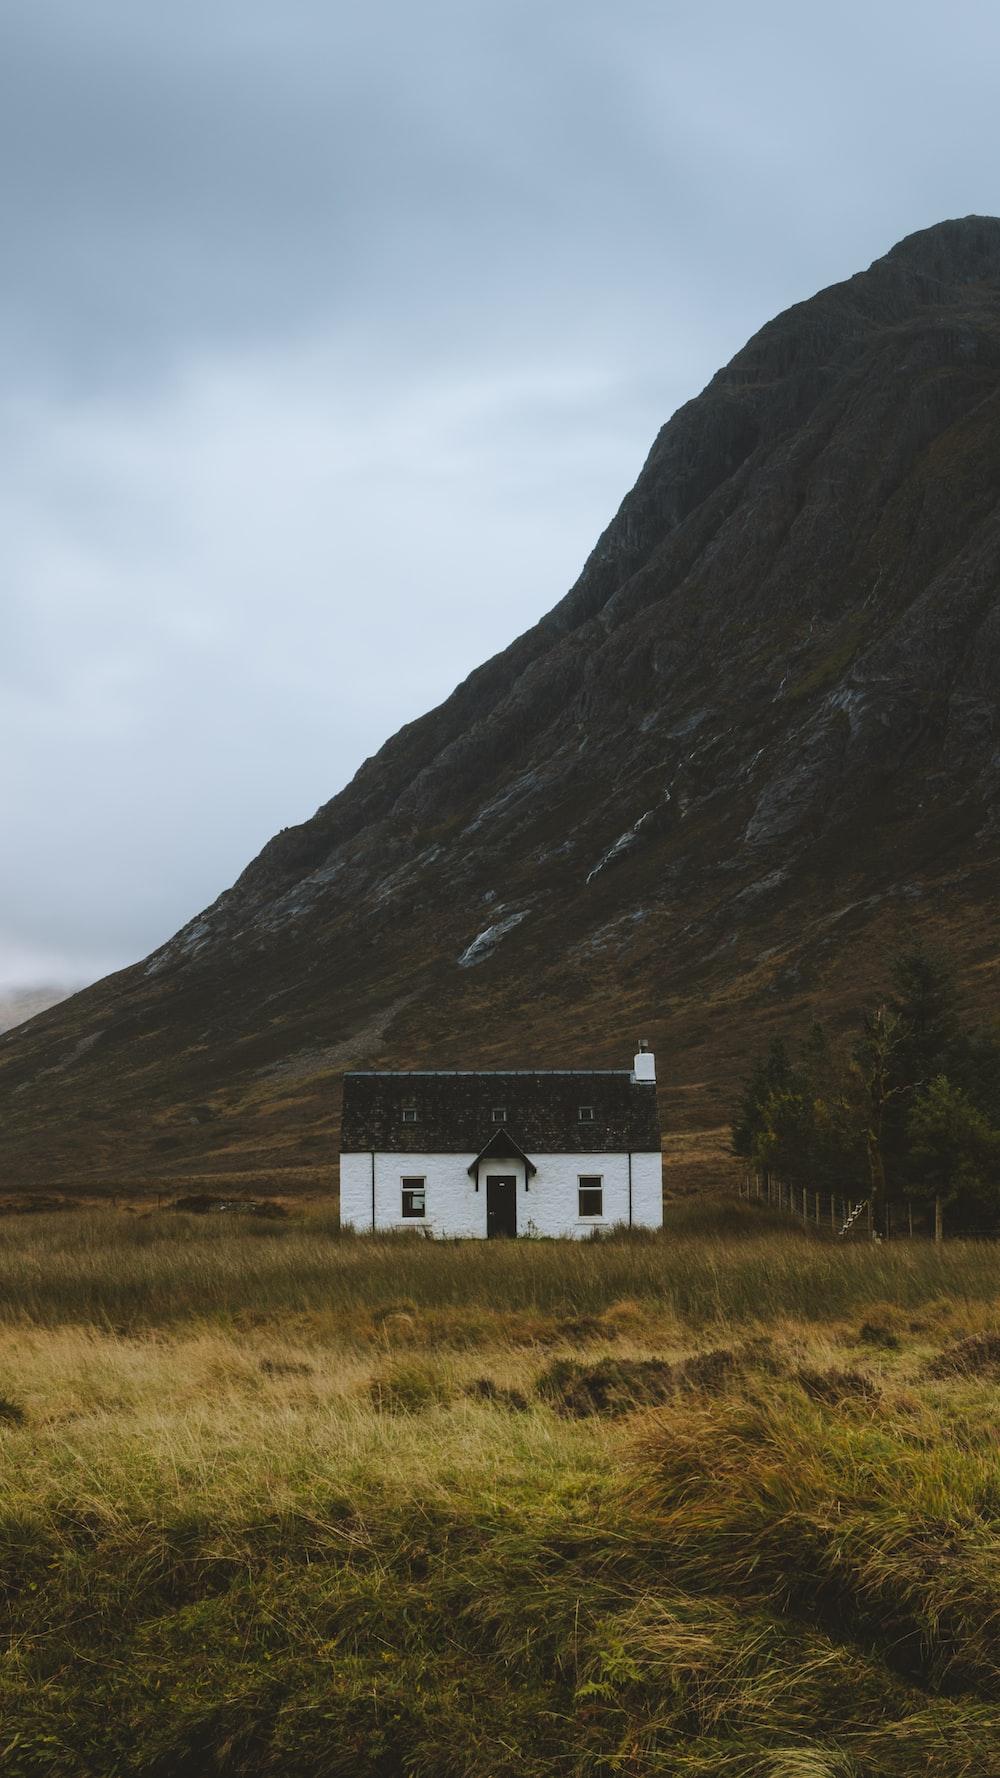 white concrete house by mountain